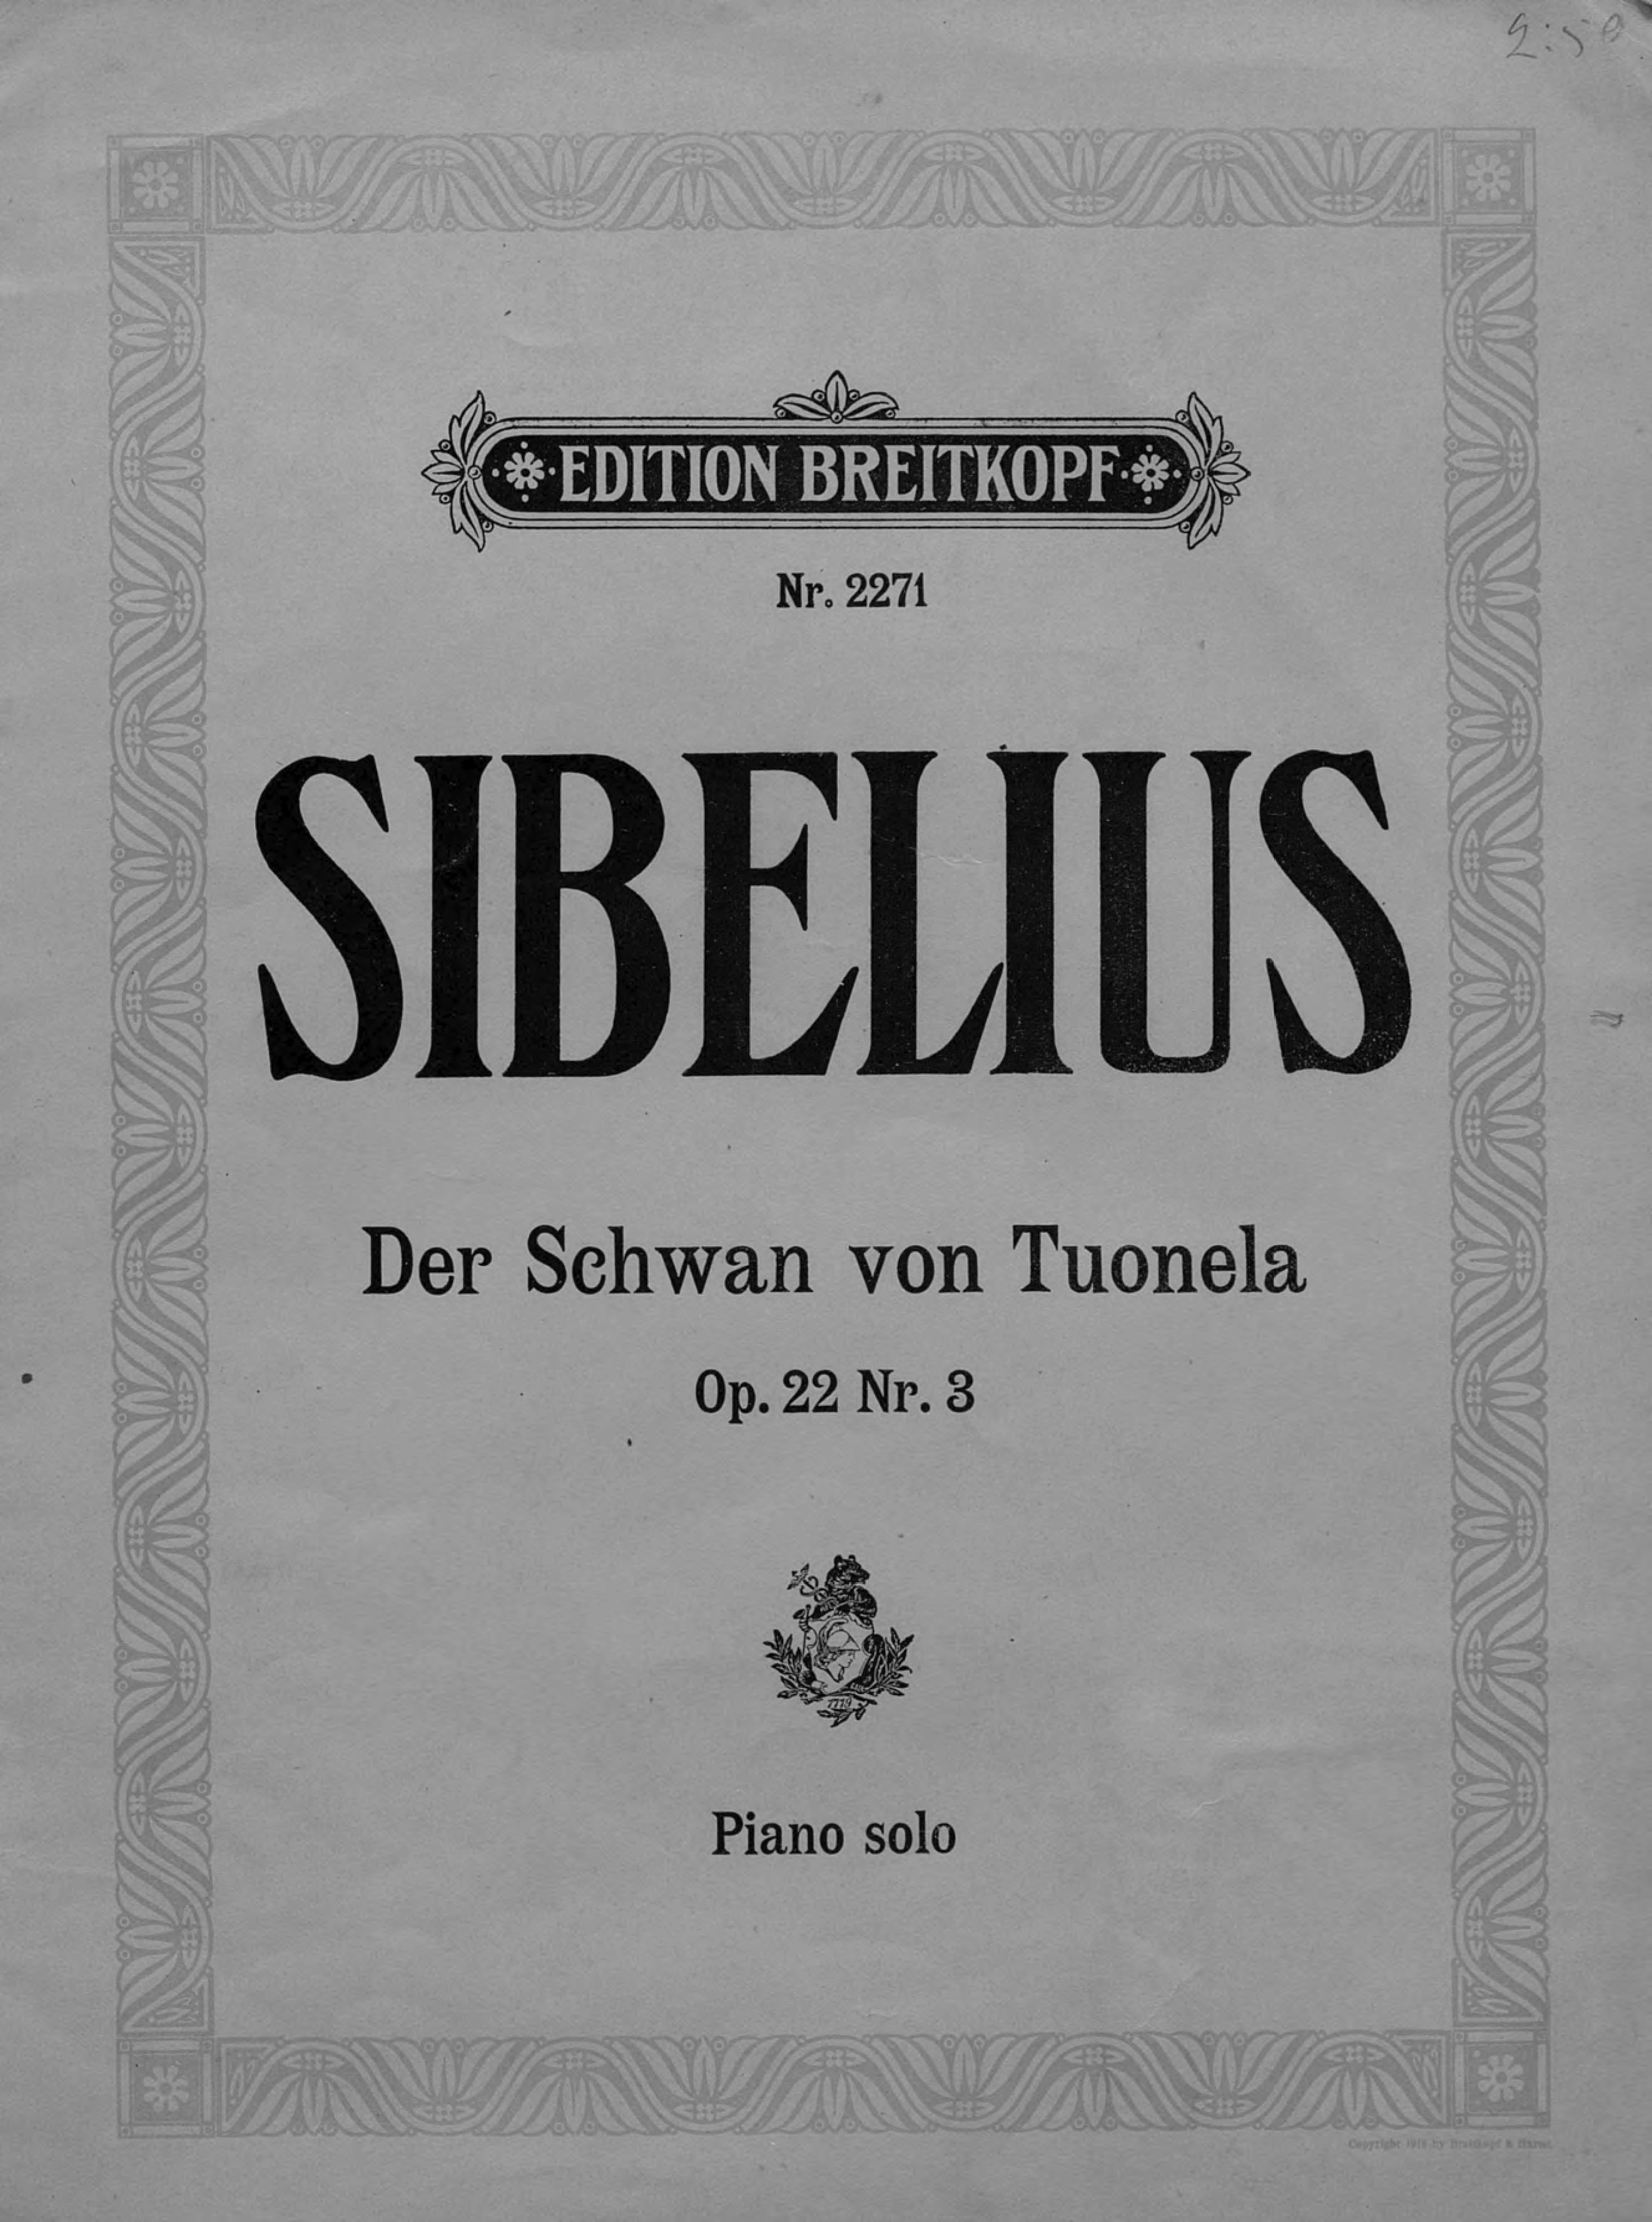 Ян Сибелиус Der Schwan von Tuonela tuonelan joutsen